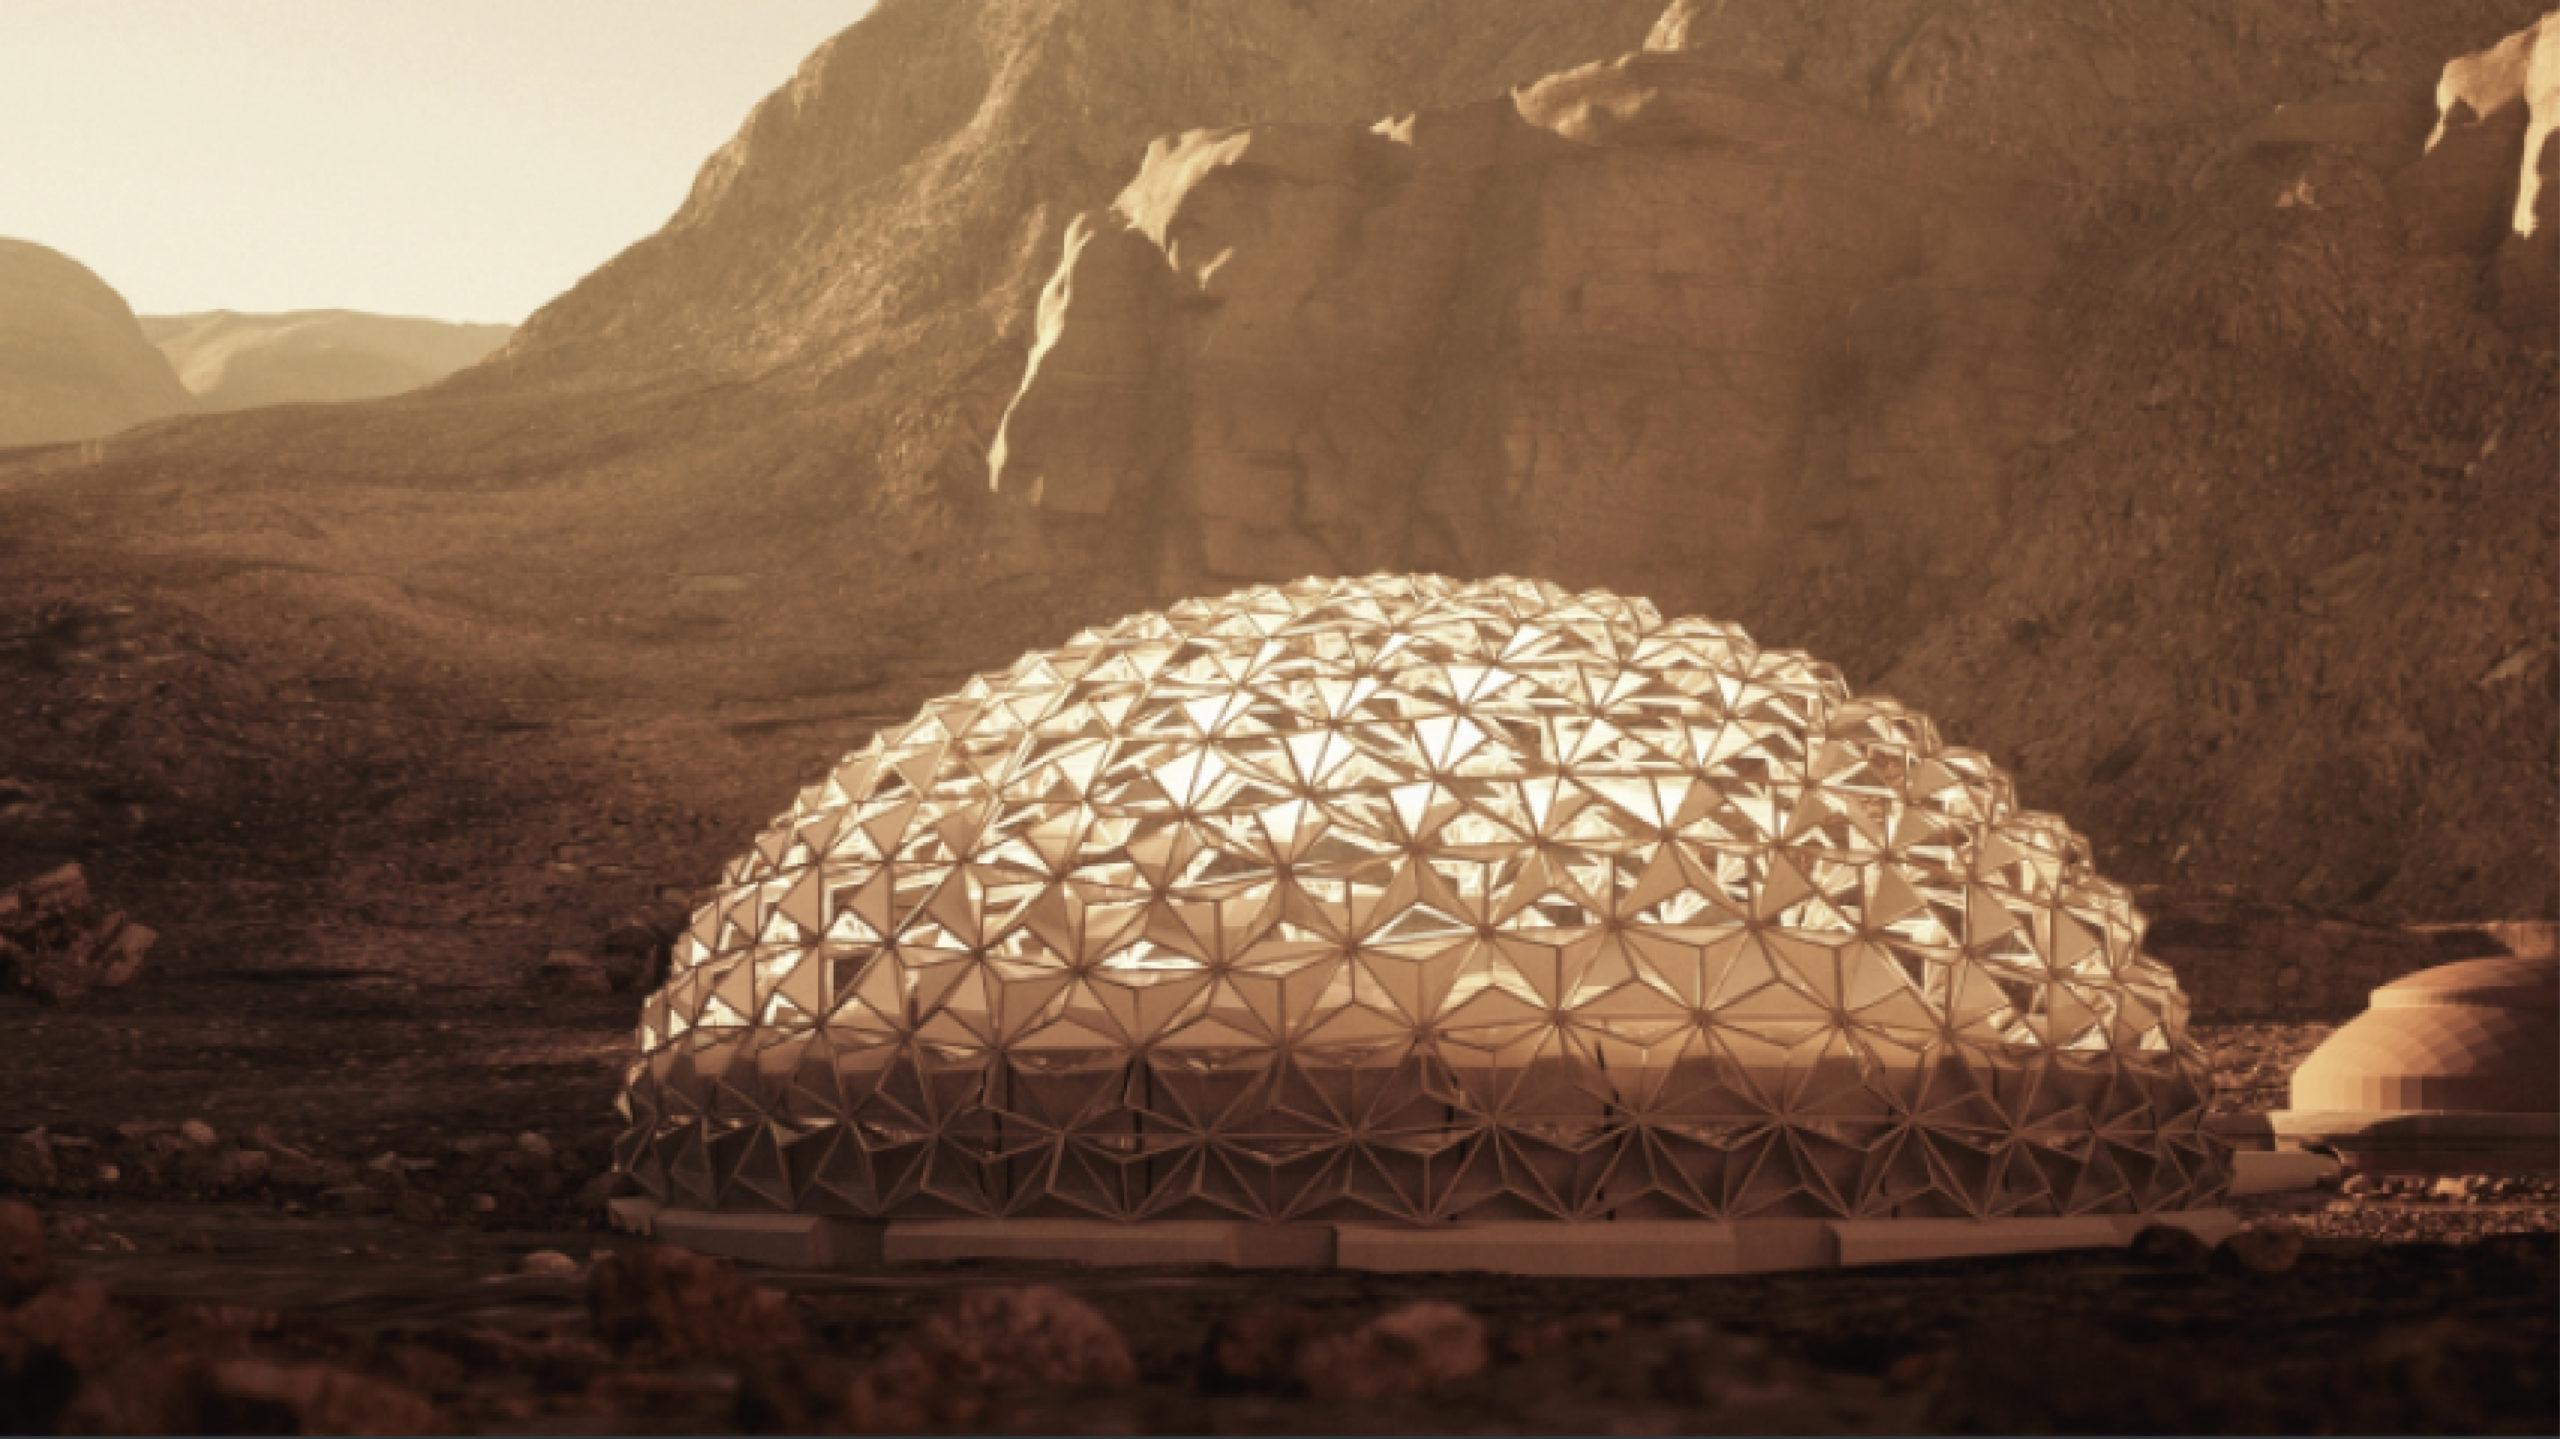 Llegar a ciudades de Marte ocuparía 250 días de viaje en microgravedad